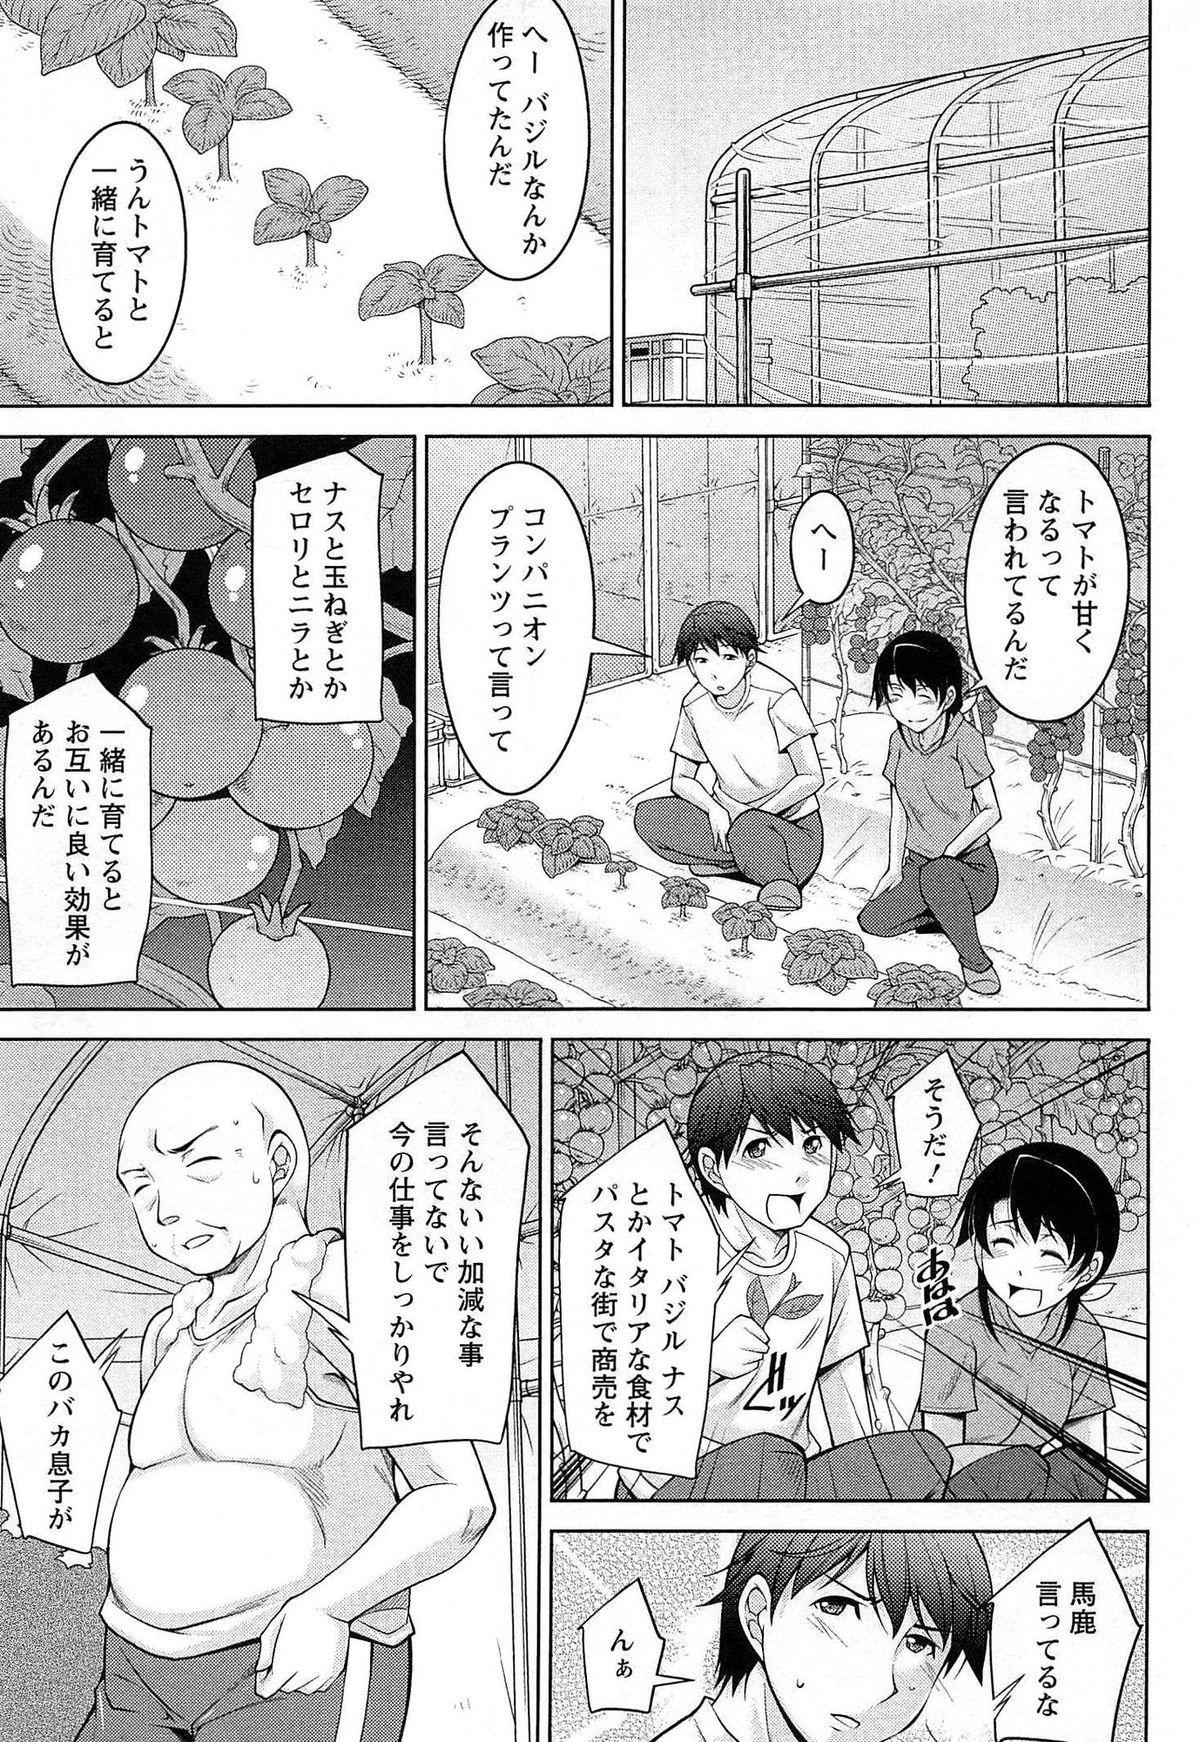 [zen9] Tsuki-wo Ai-Shite - Tsuki-ni Koi-shite 2 121